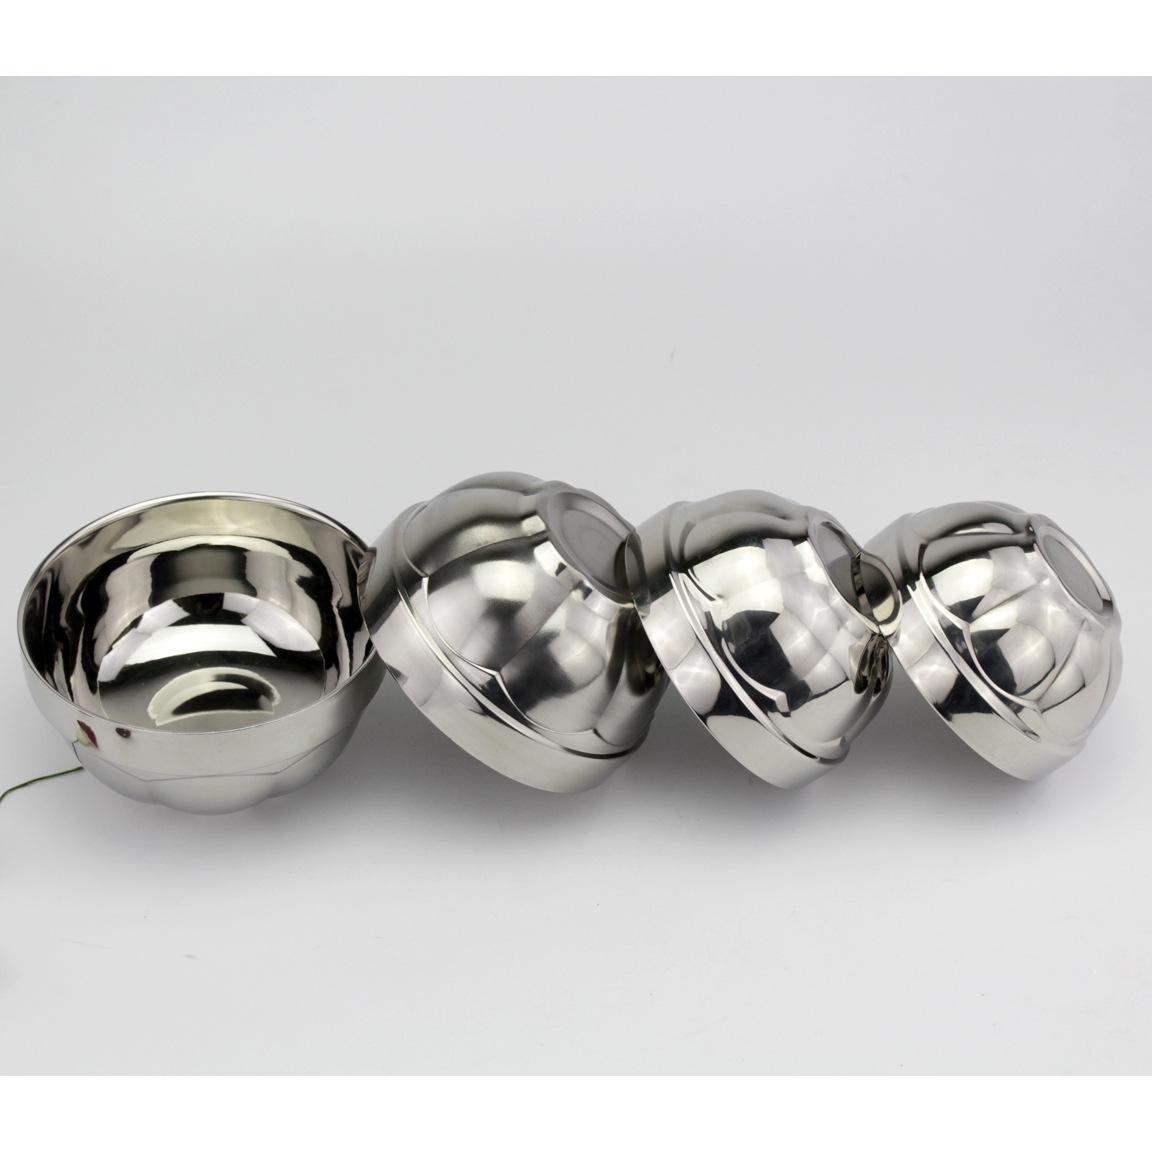 无磁不锈钢双层防烫荷花碗 11.5CM-16Cm双层韩式新款饭碗